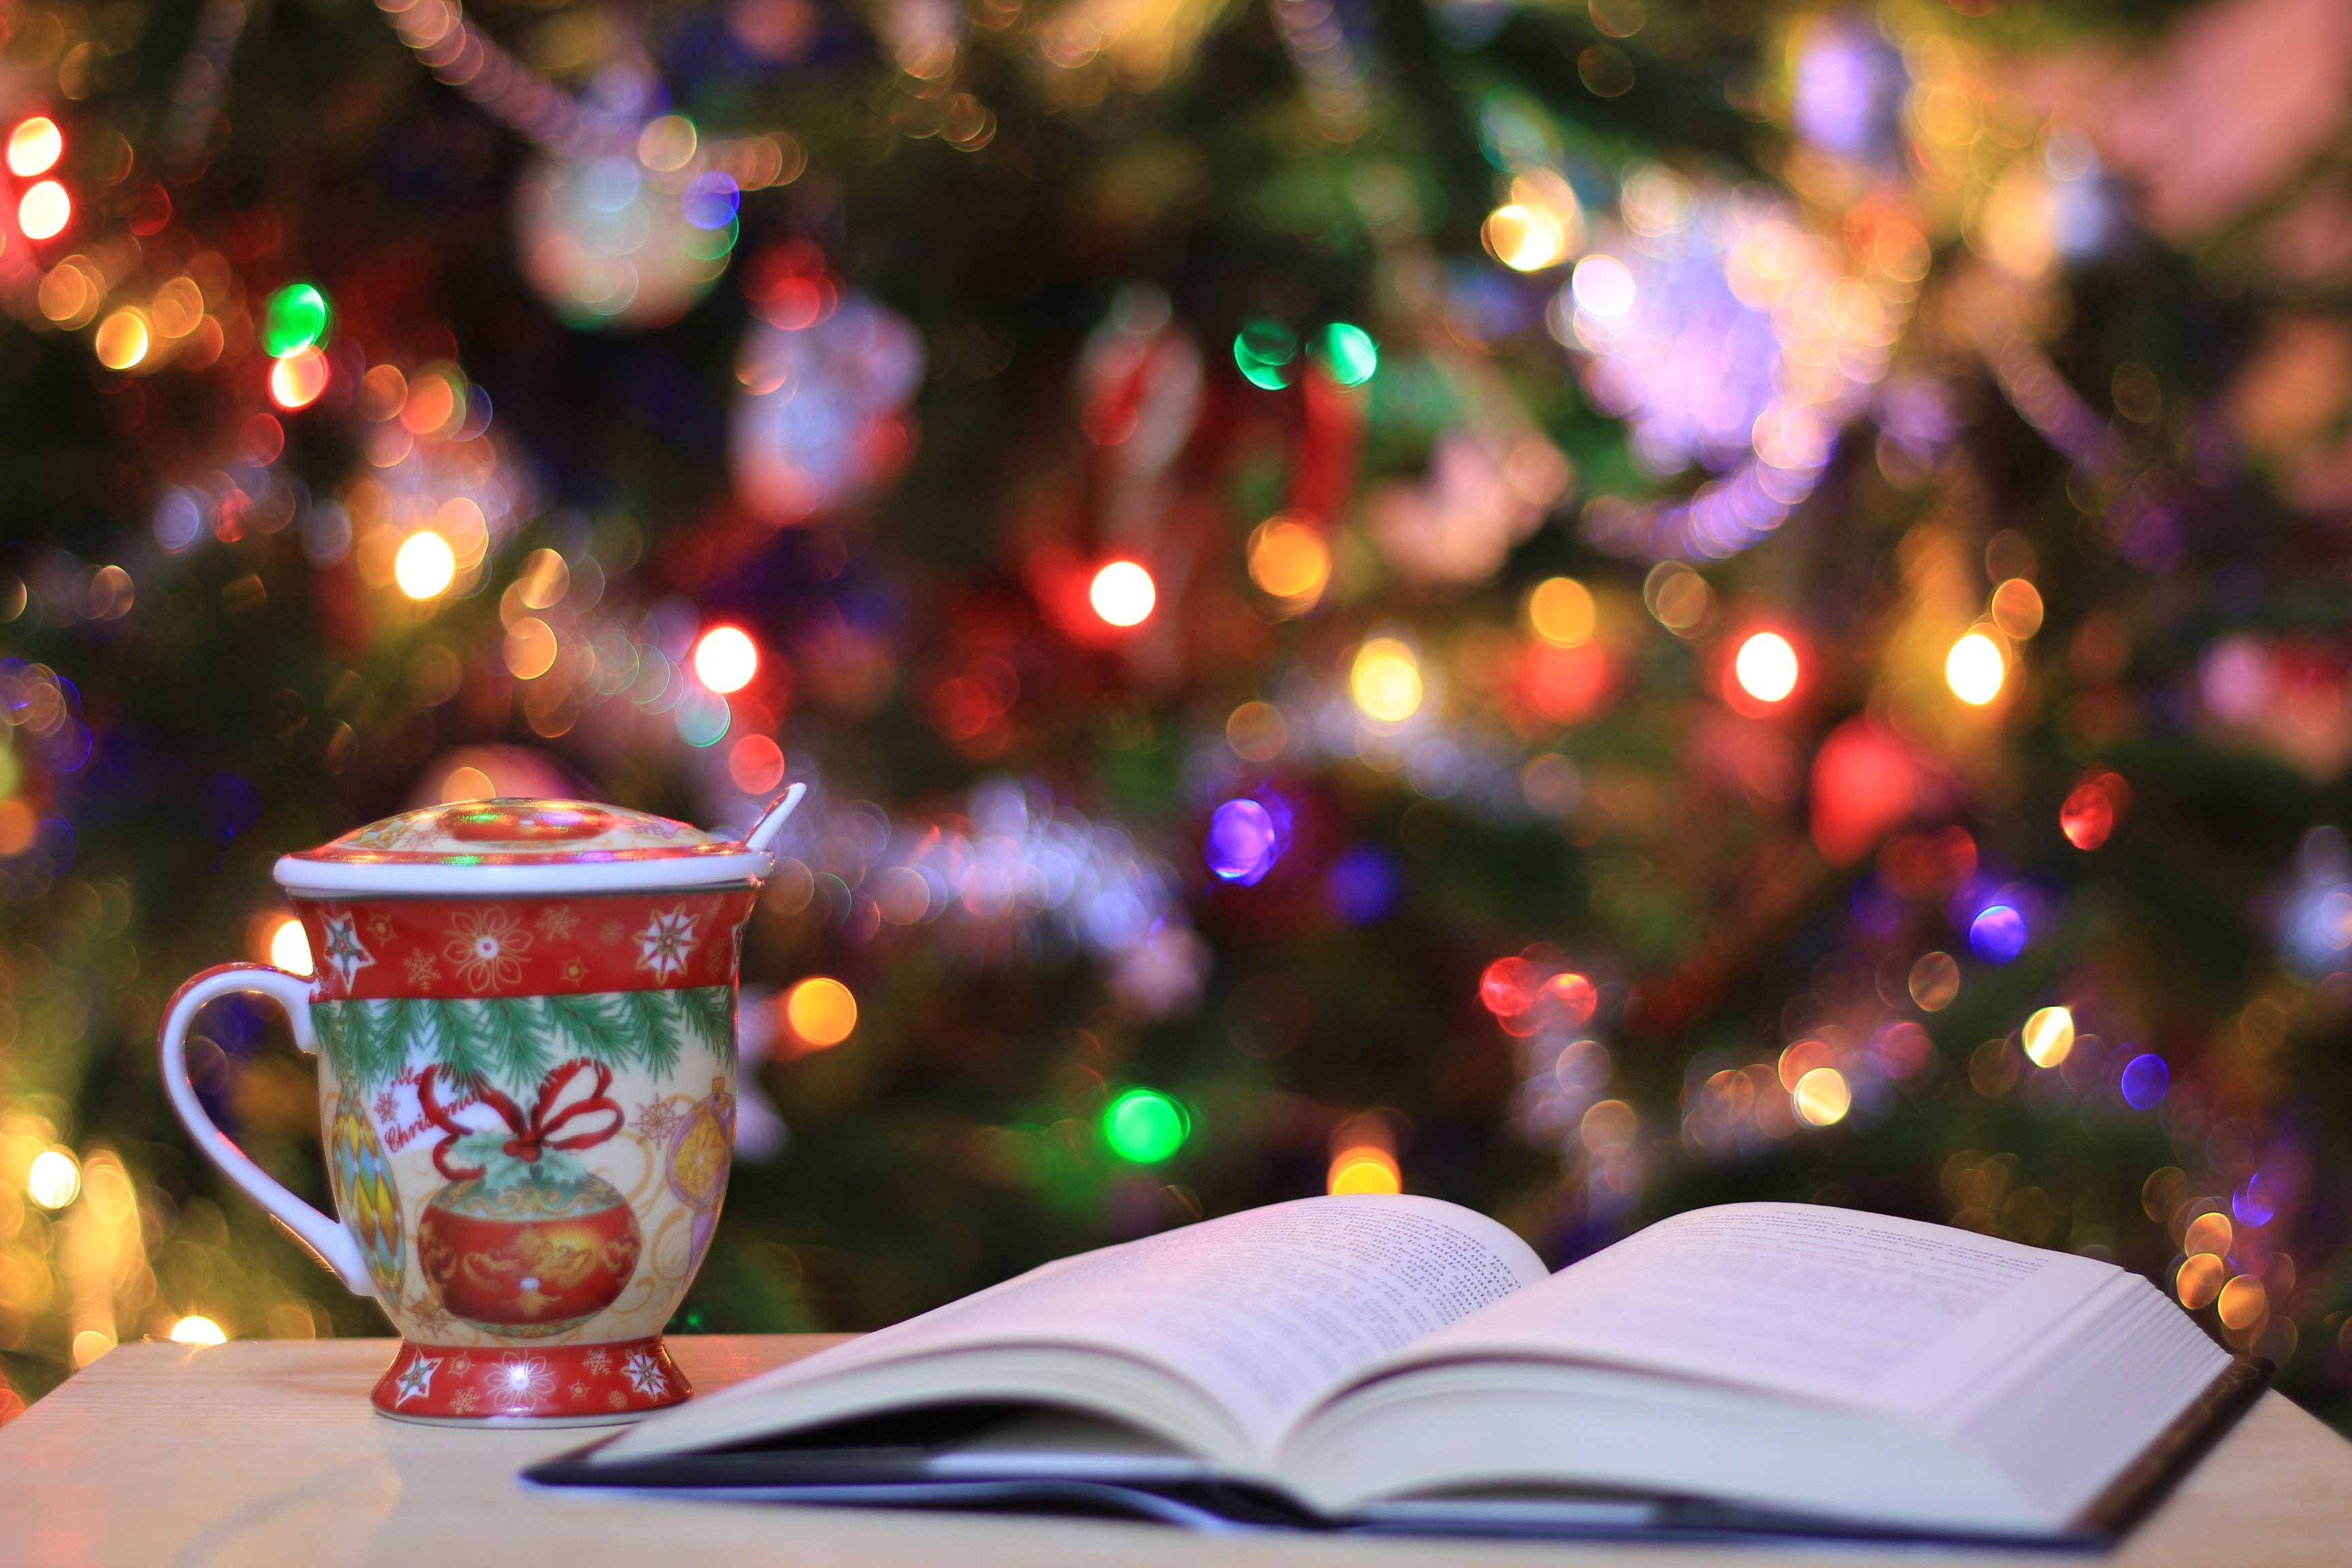 Подборка фильмов: что посмотреть на Новогодних каникулах